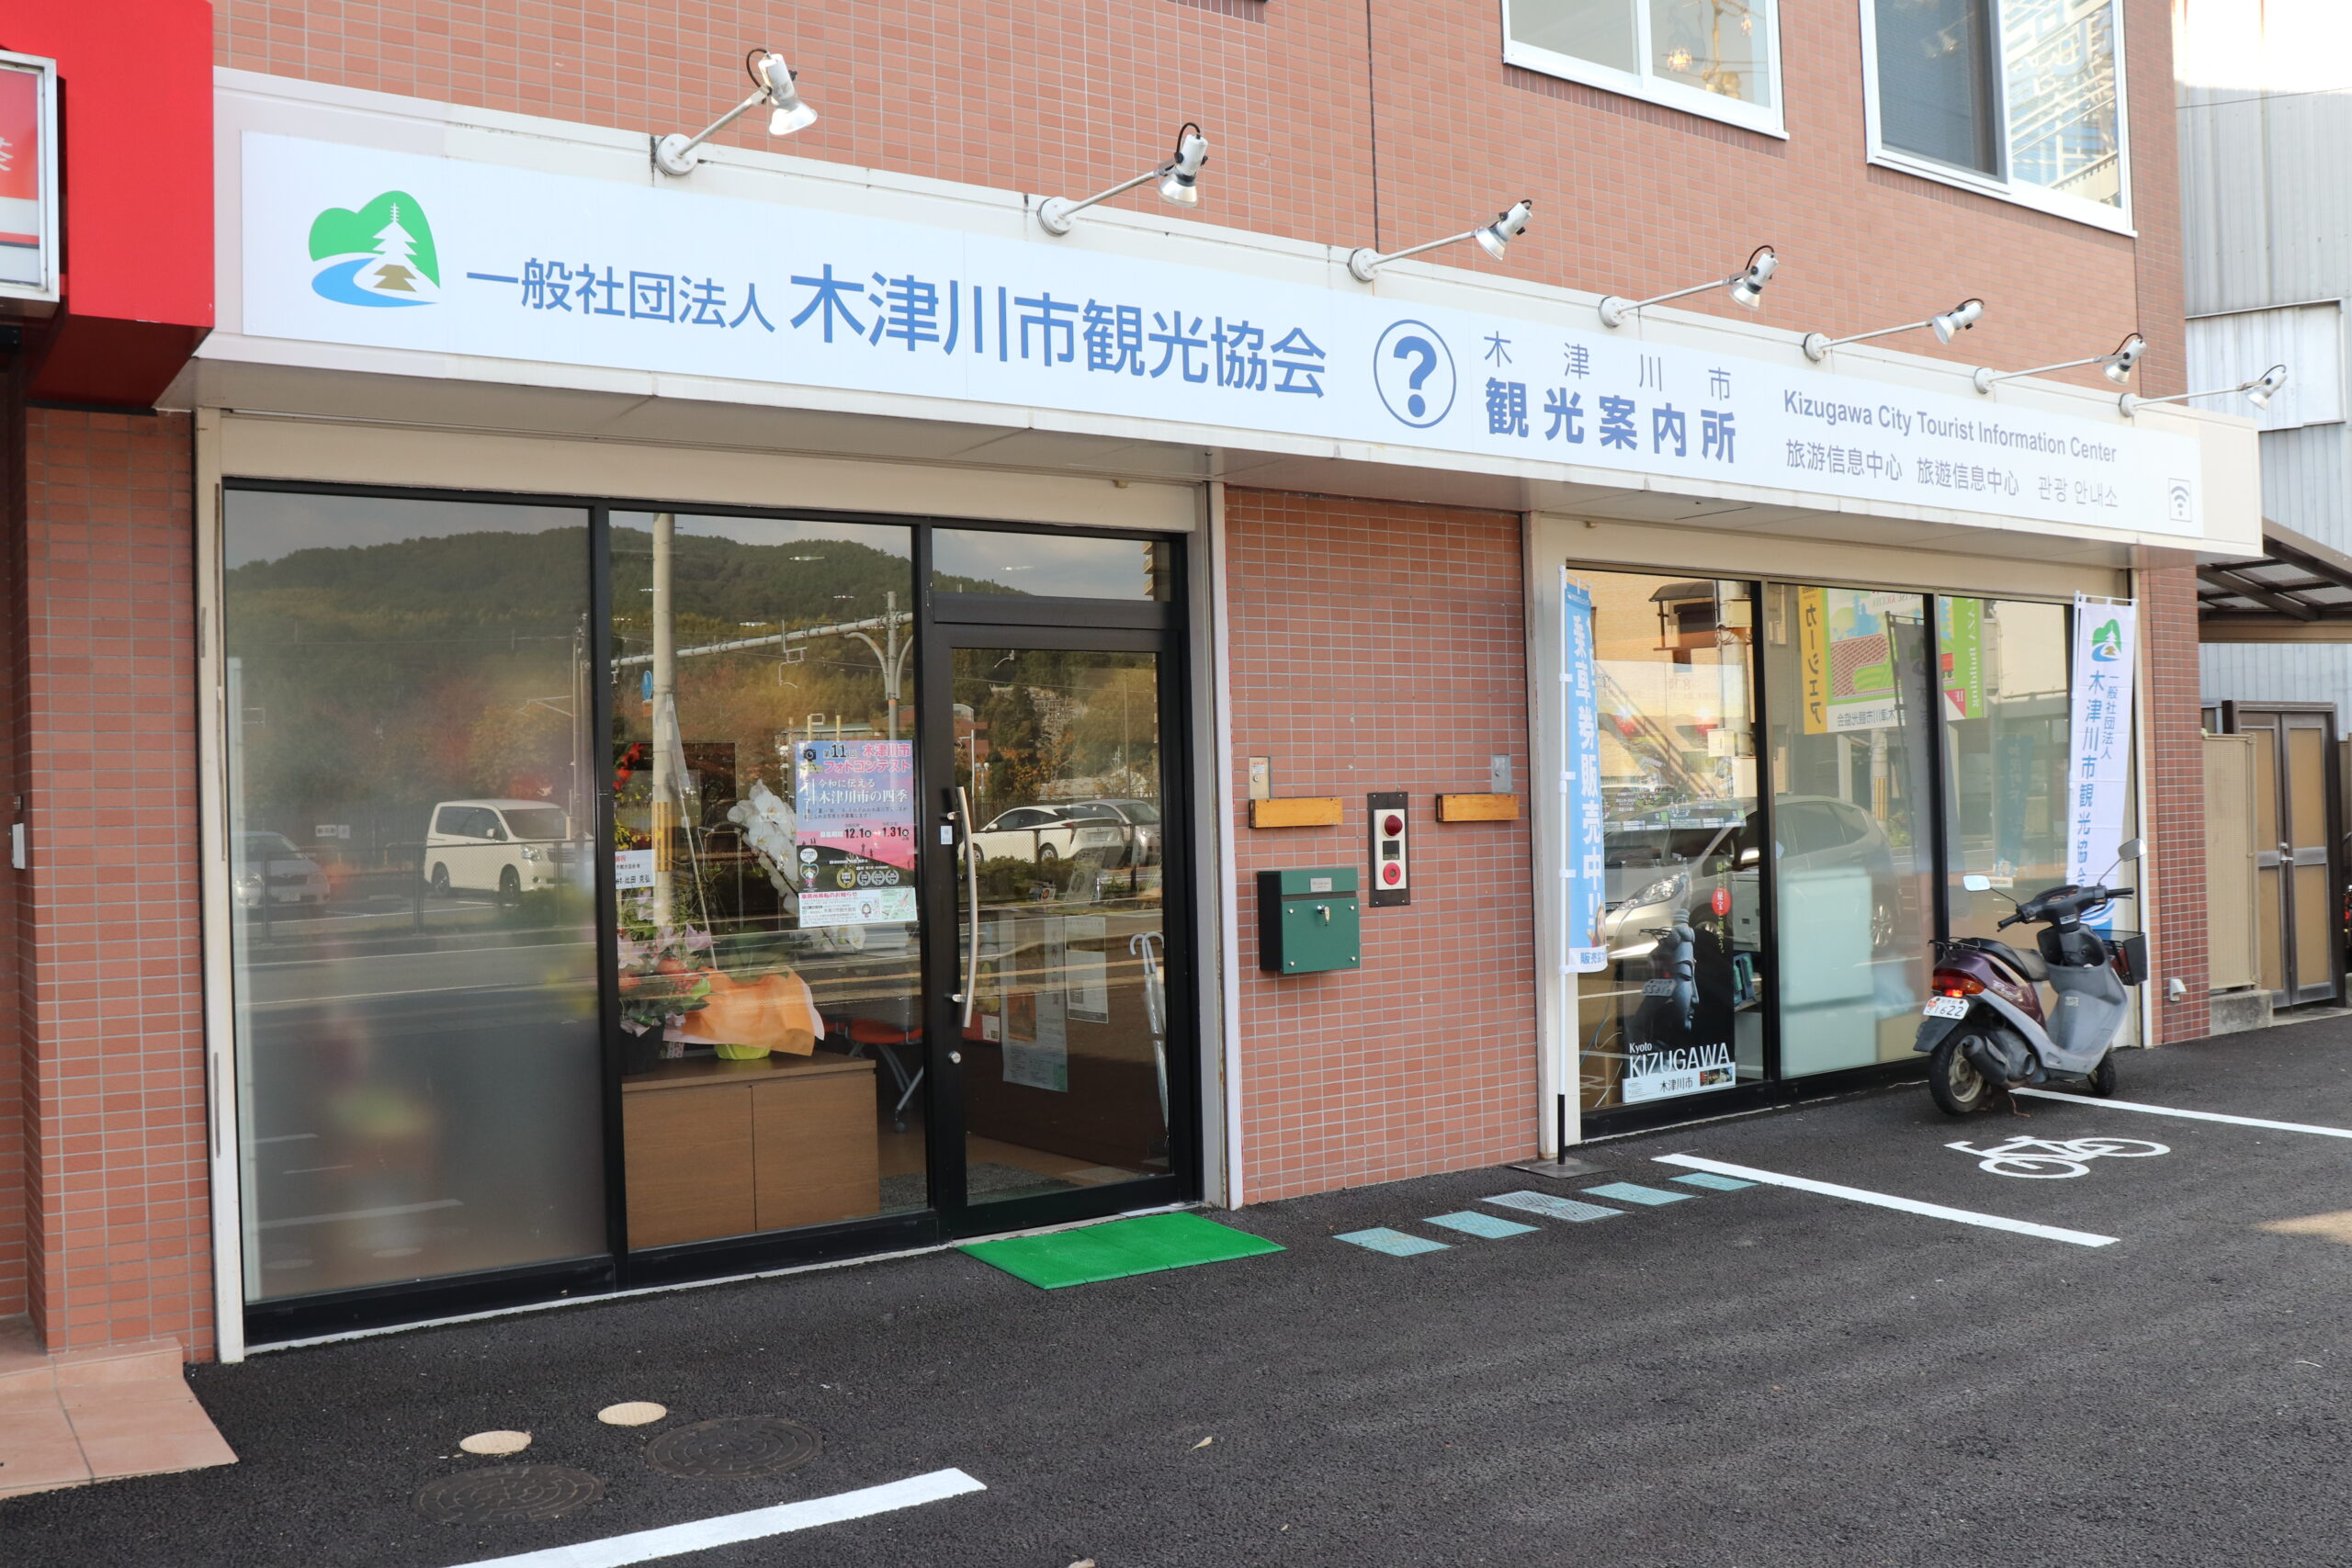 Kizugawa City Tourism Association